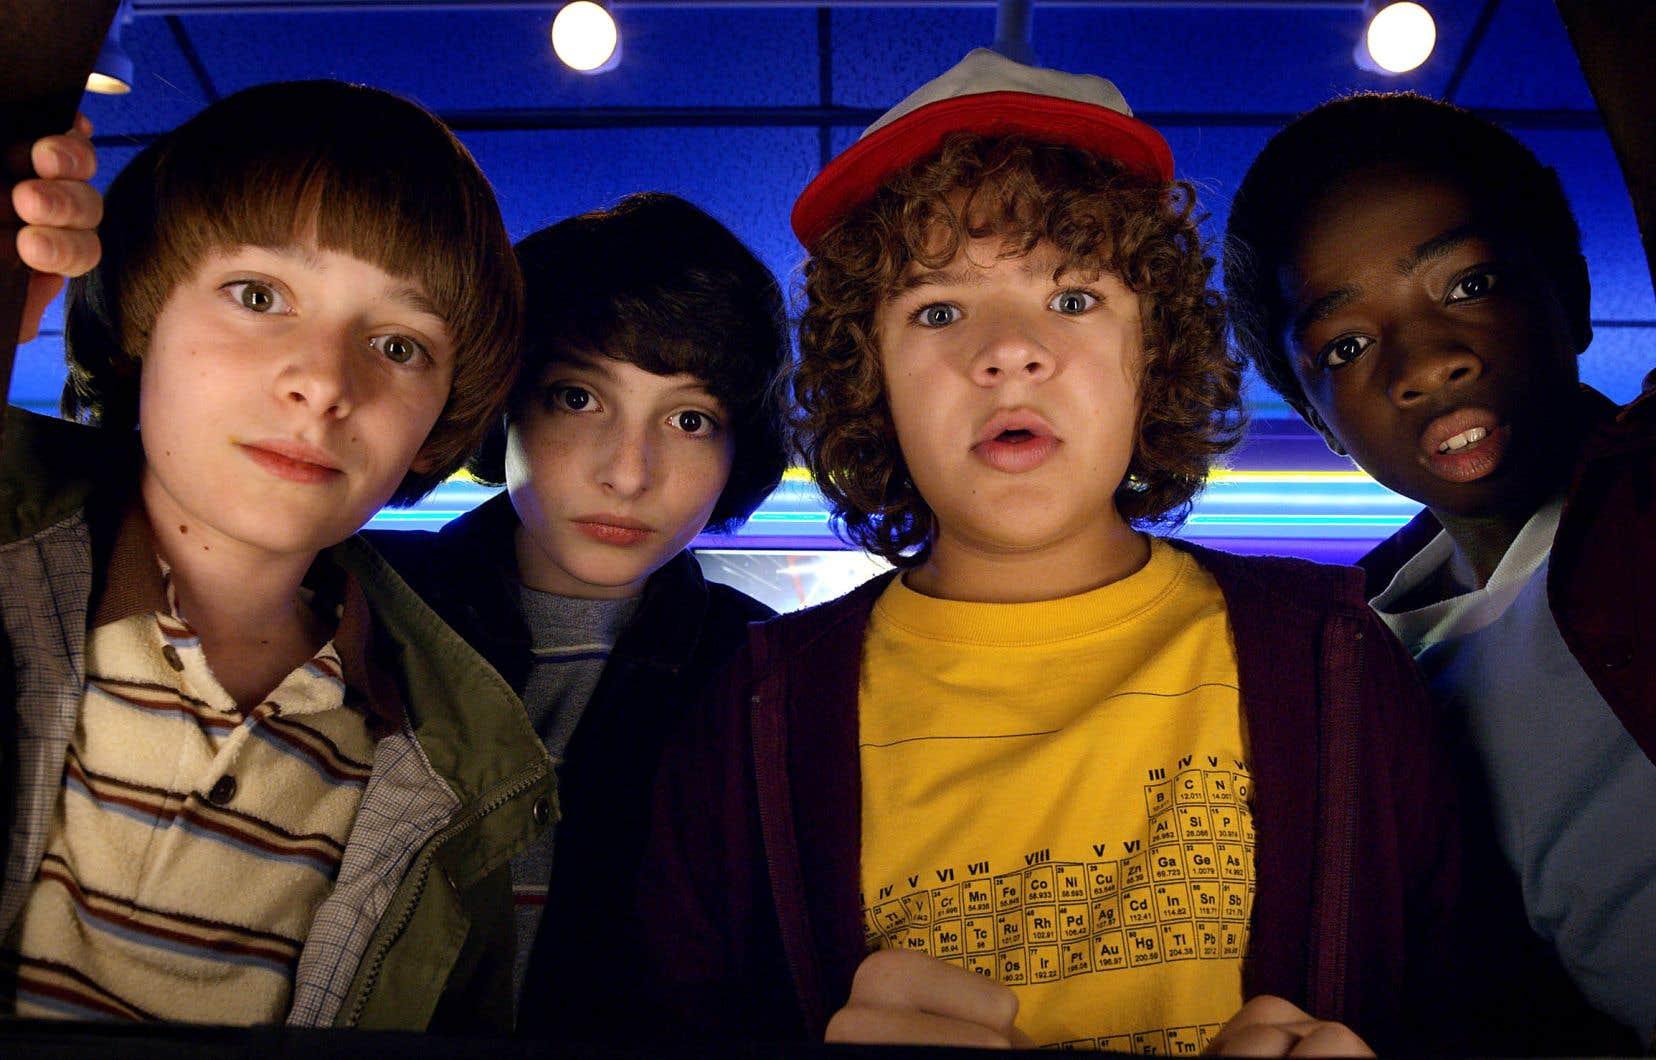 Inspirée des années 1980, «Stranger Things» est une série télévisée de science-fiction américaine réalisée par les frères Matt et Ross Duffer.